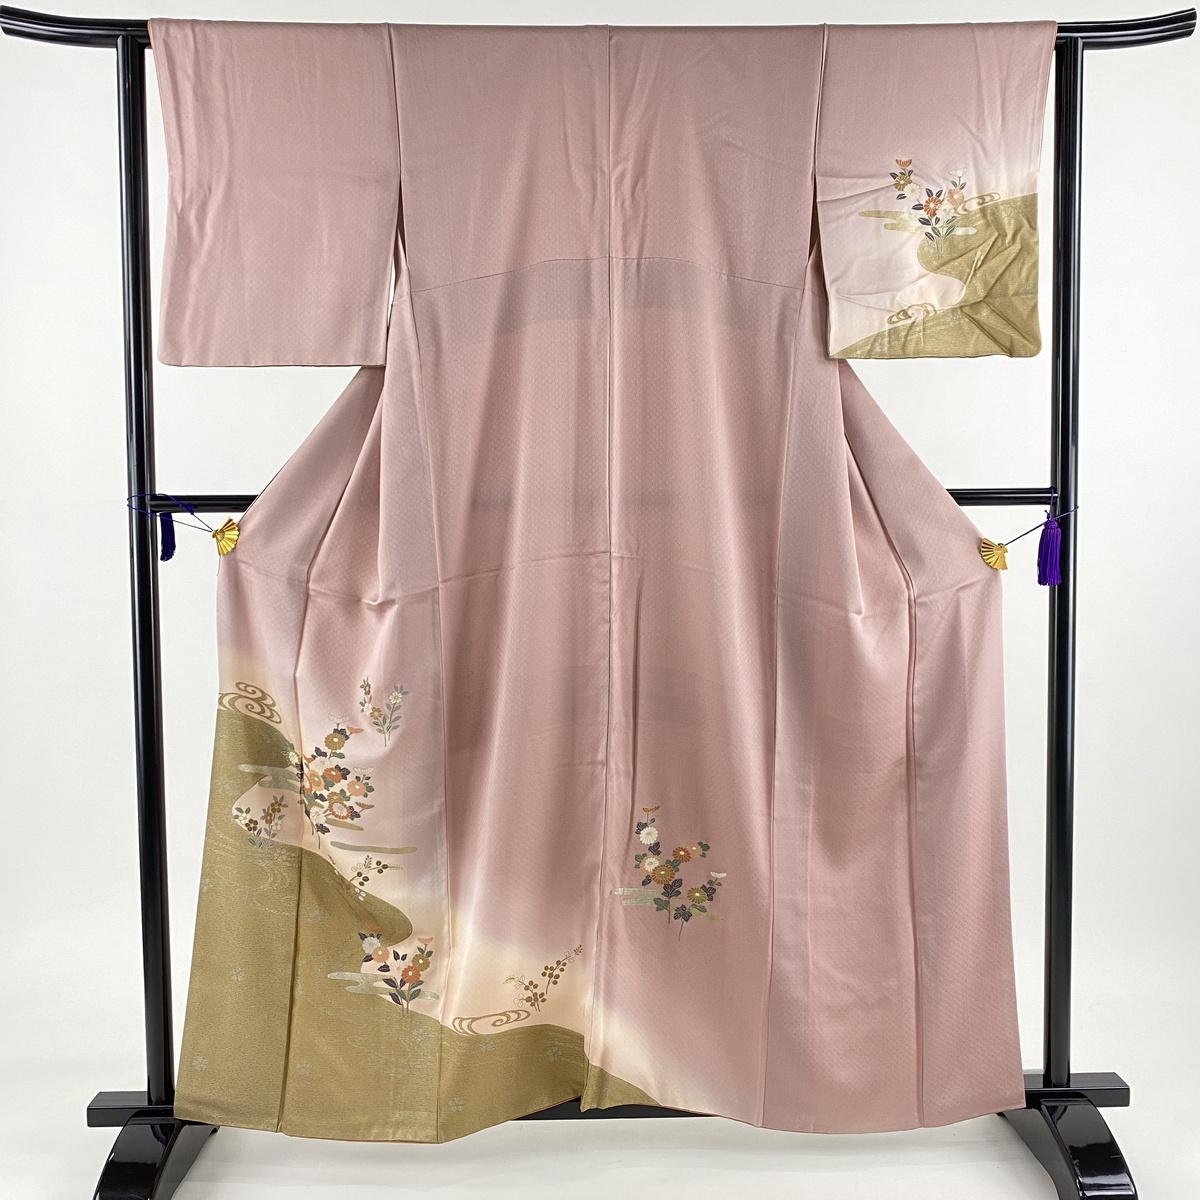 ランクA 着物 ブランド品 中古 リサイクル 送料無料 在庫一掃 付下げ 美品 秀品 菊 流水 S 正絹 金銀彩 159cm ピンク 63cm 袷 ぼかし